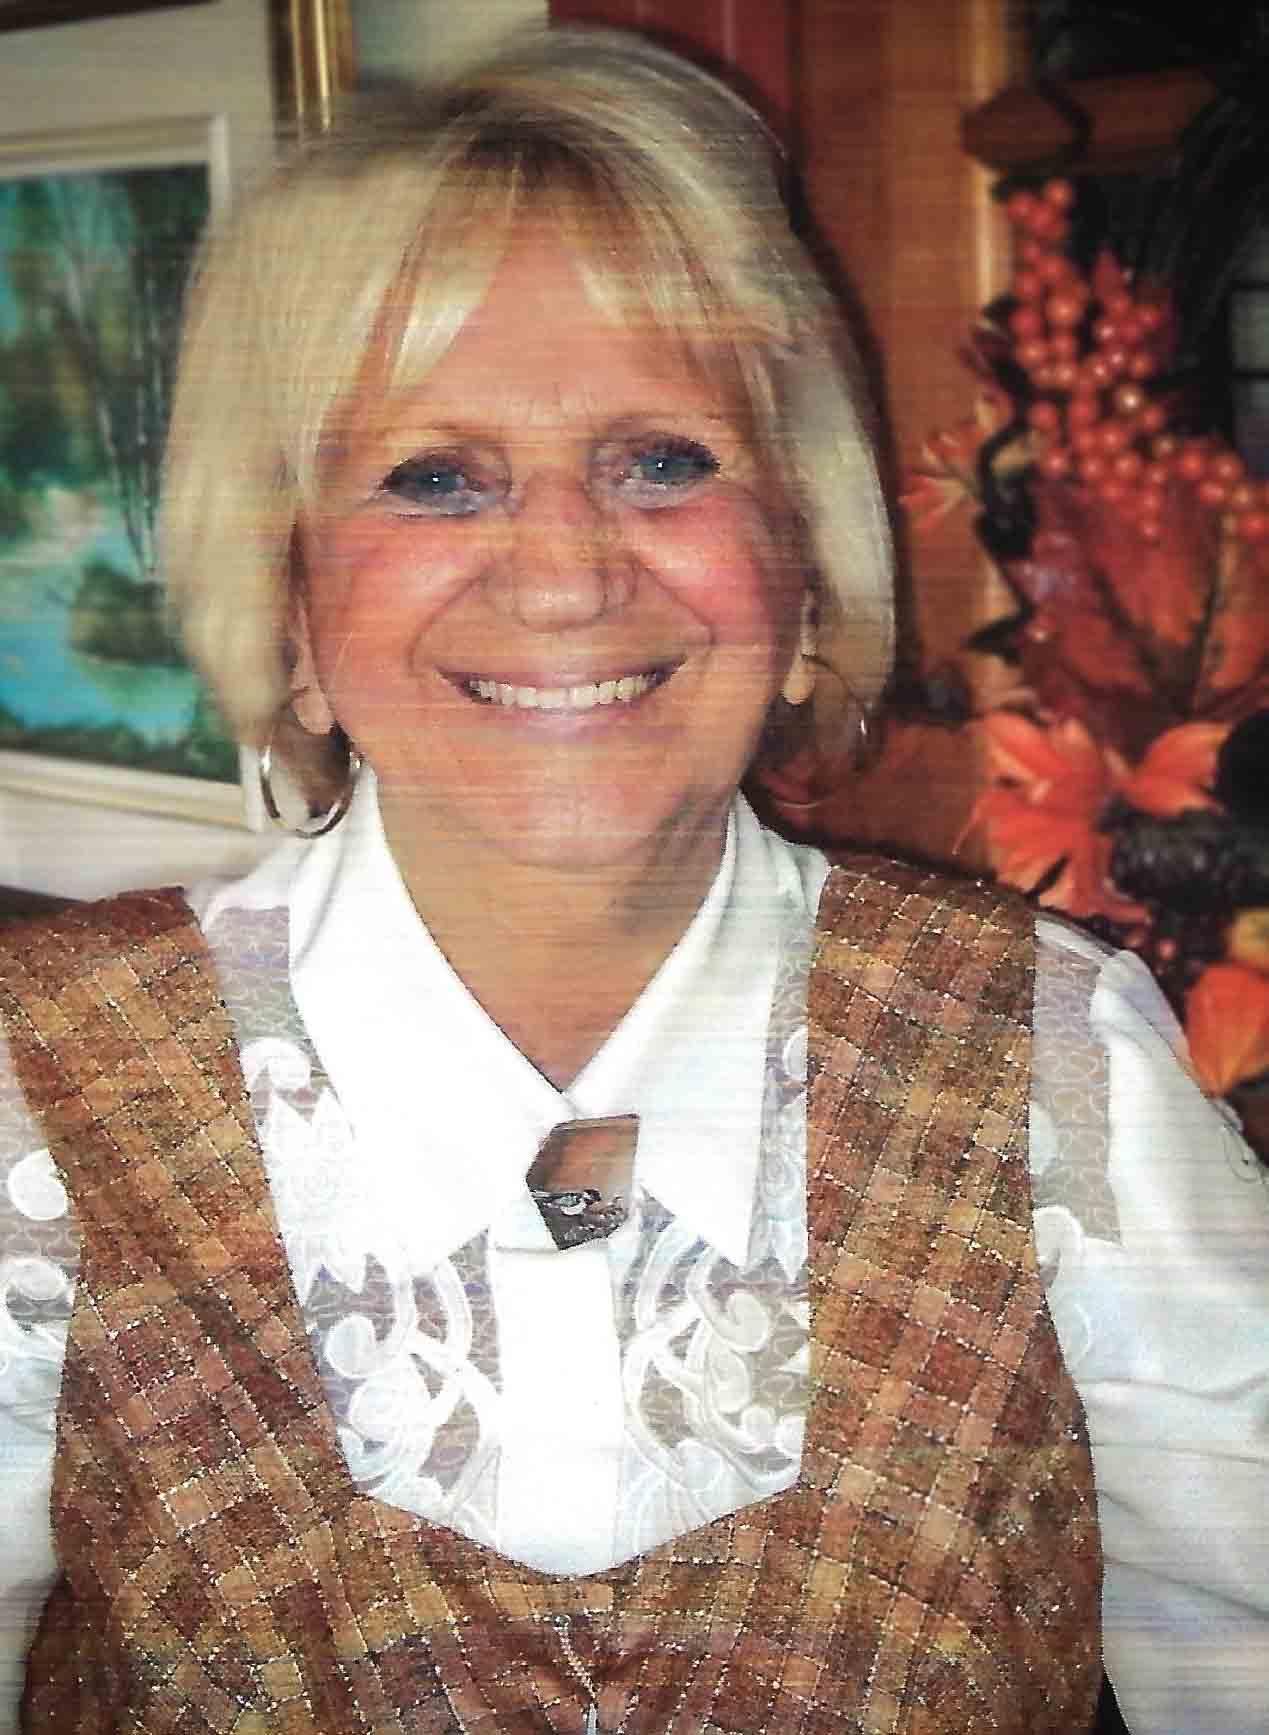 Avis de décès - Résidence funéraire Bernard Longpré Inc. - madame Blanchet